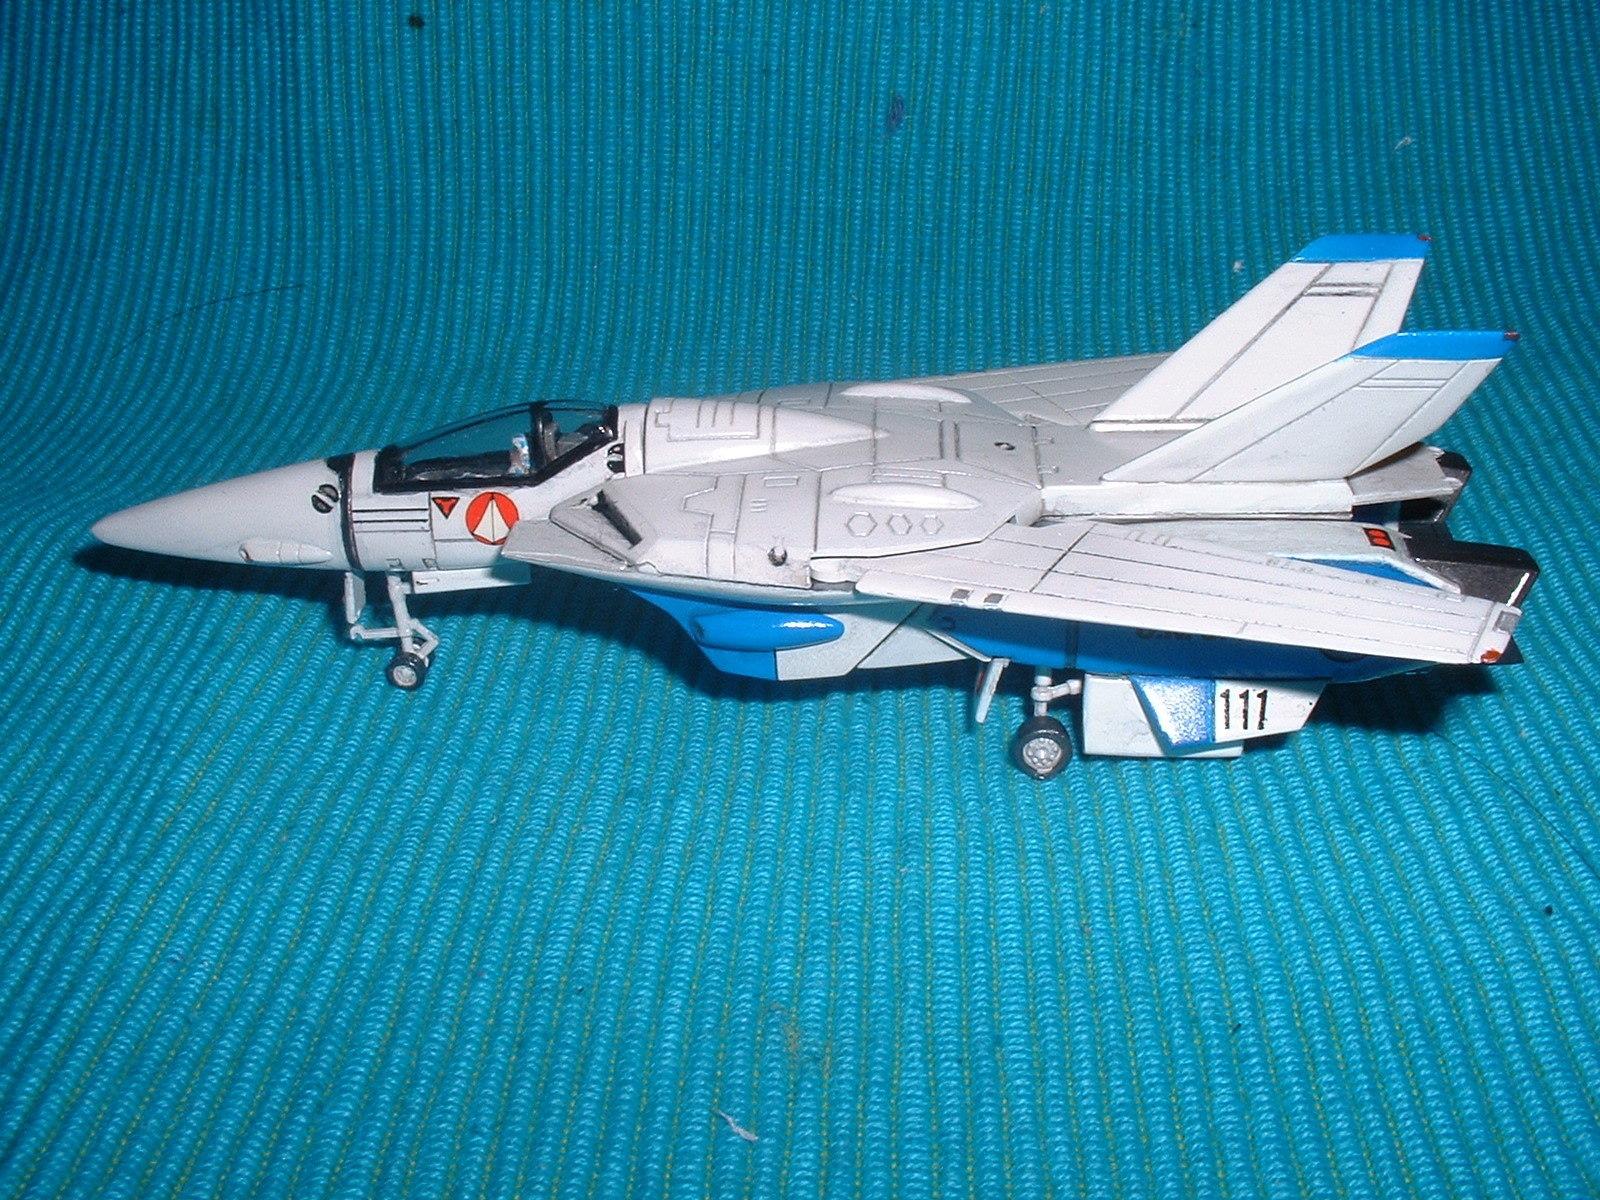 2015.07.22 完成 有井 100分の1 「VF-1Aファイター」その2 Doburoku-TAO.JPG